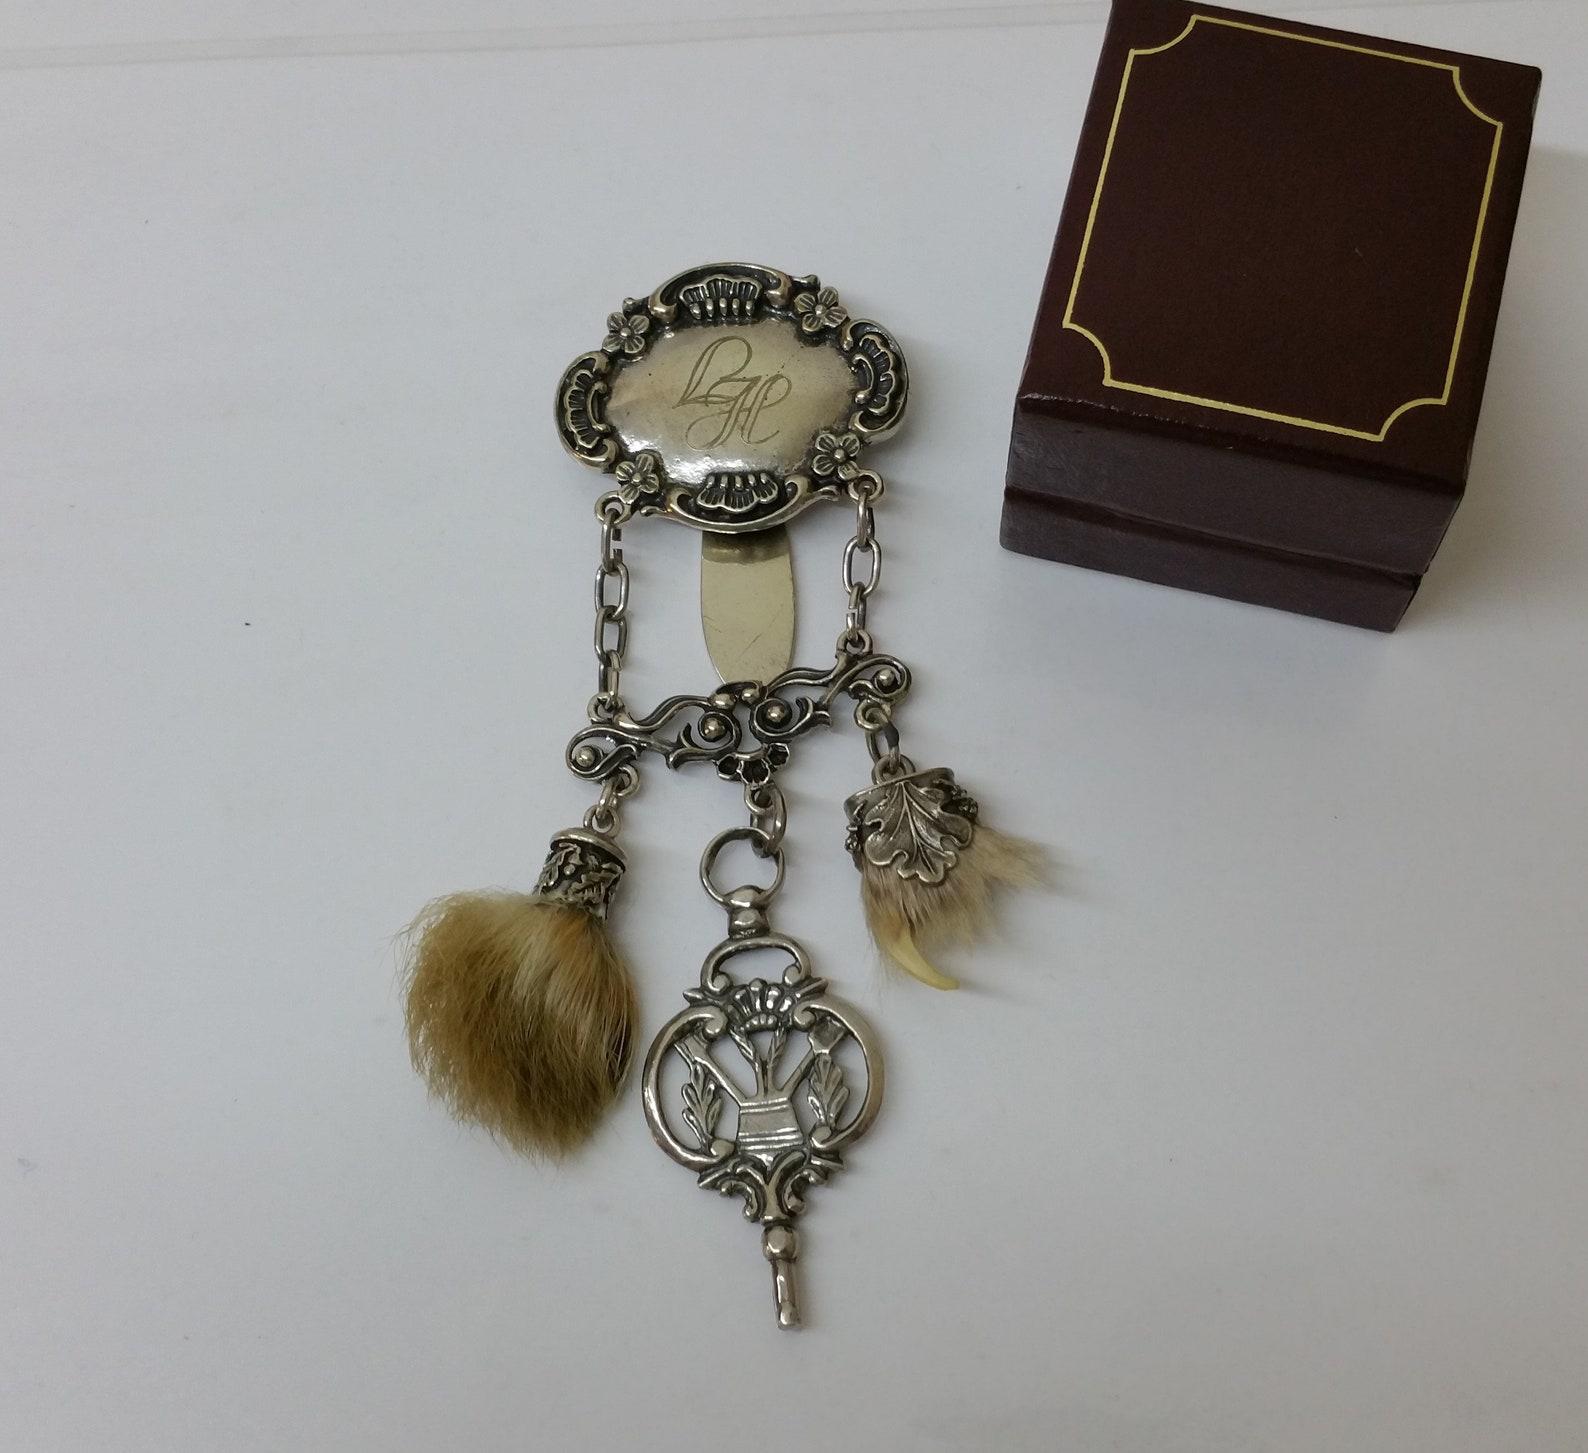 Plugs Jewelry Charivari Silver 835 initials LH pendant seldom rar SB269